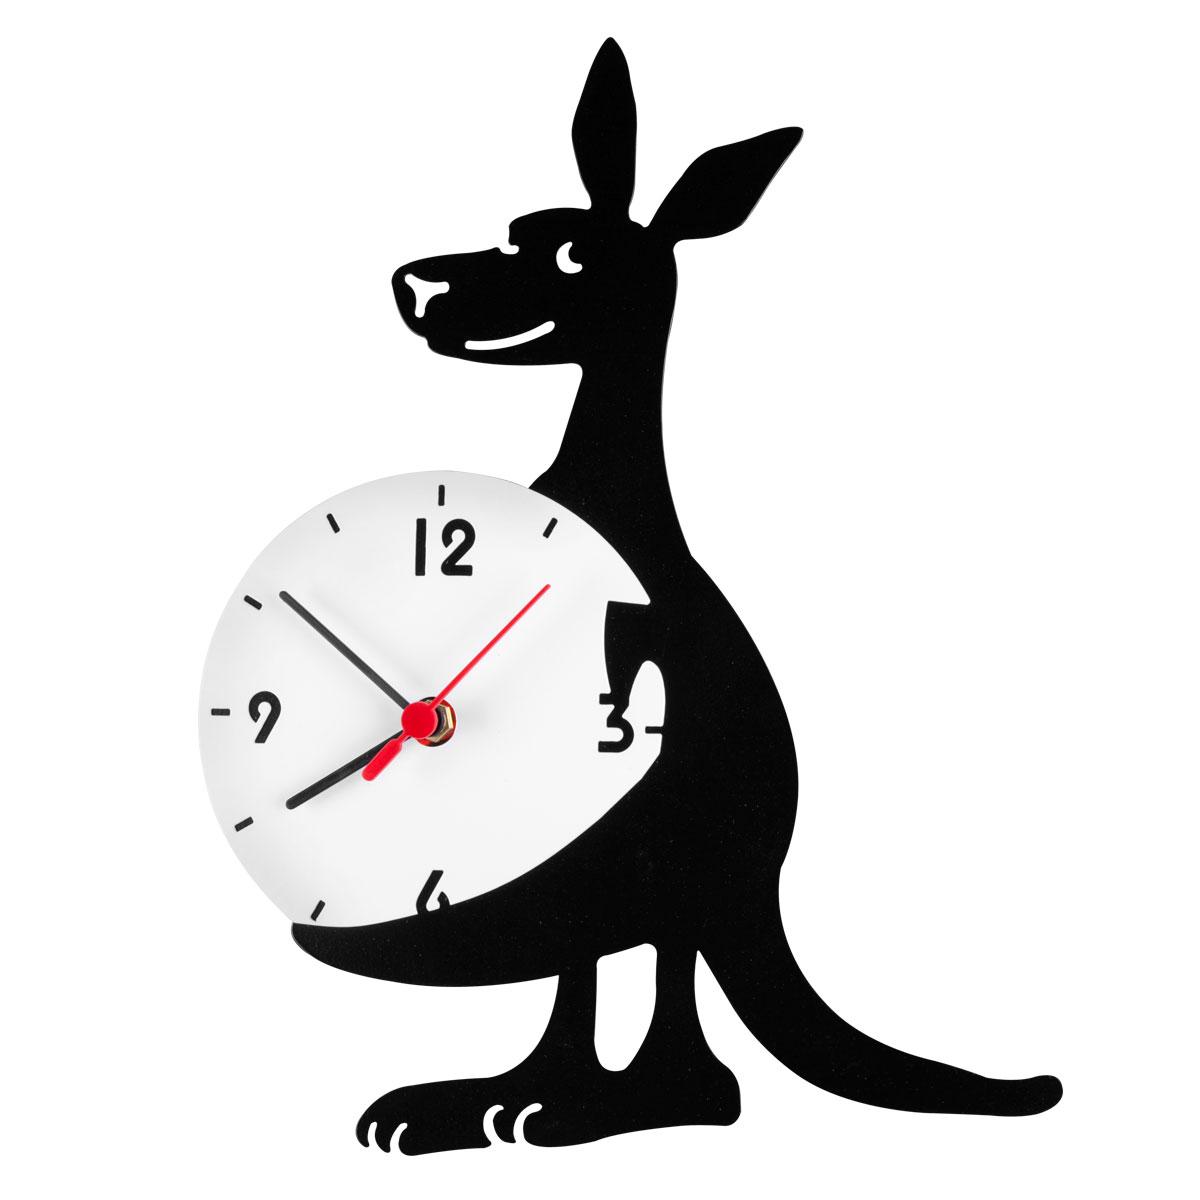 Часы настенные Miolla КенгуруSC - 25LОригинальные настенные часы круглой формы выполнены из стали. Часы имеют три стрелки - часовую, минутную и секундную и циферблат с цифрами. Необычное дизайнерское решение и качество исполнения придутся по вкусу каждому.Часы работают от 1 батарейки типа АА напряжением 1,5 В.